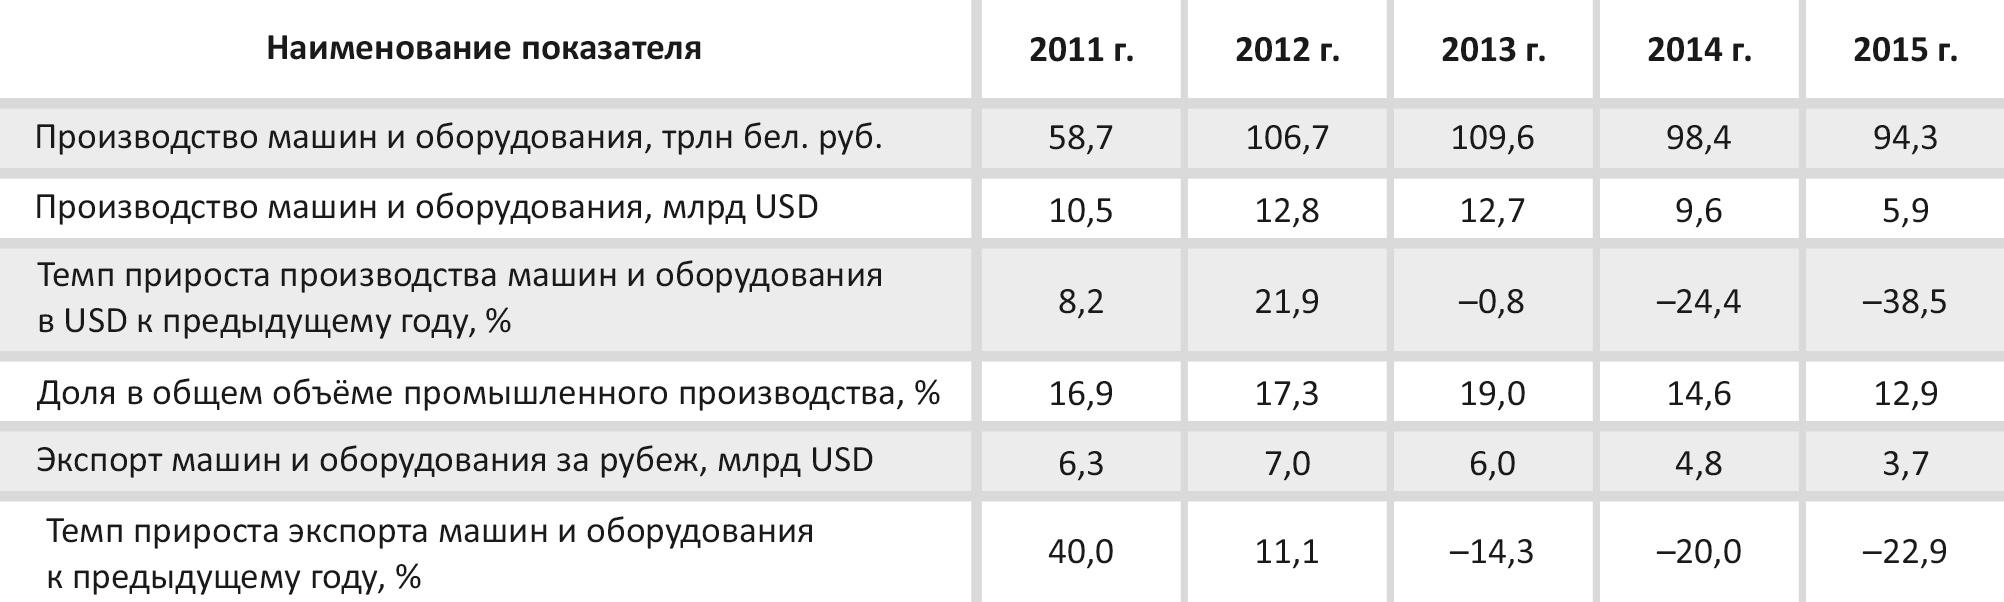 Динамика показателей машиностроения Республики Беларусь